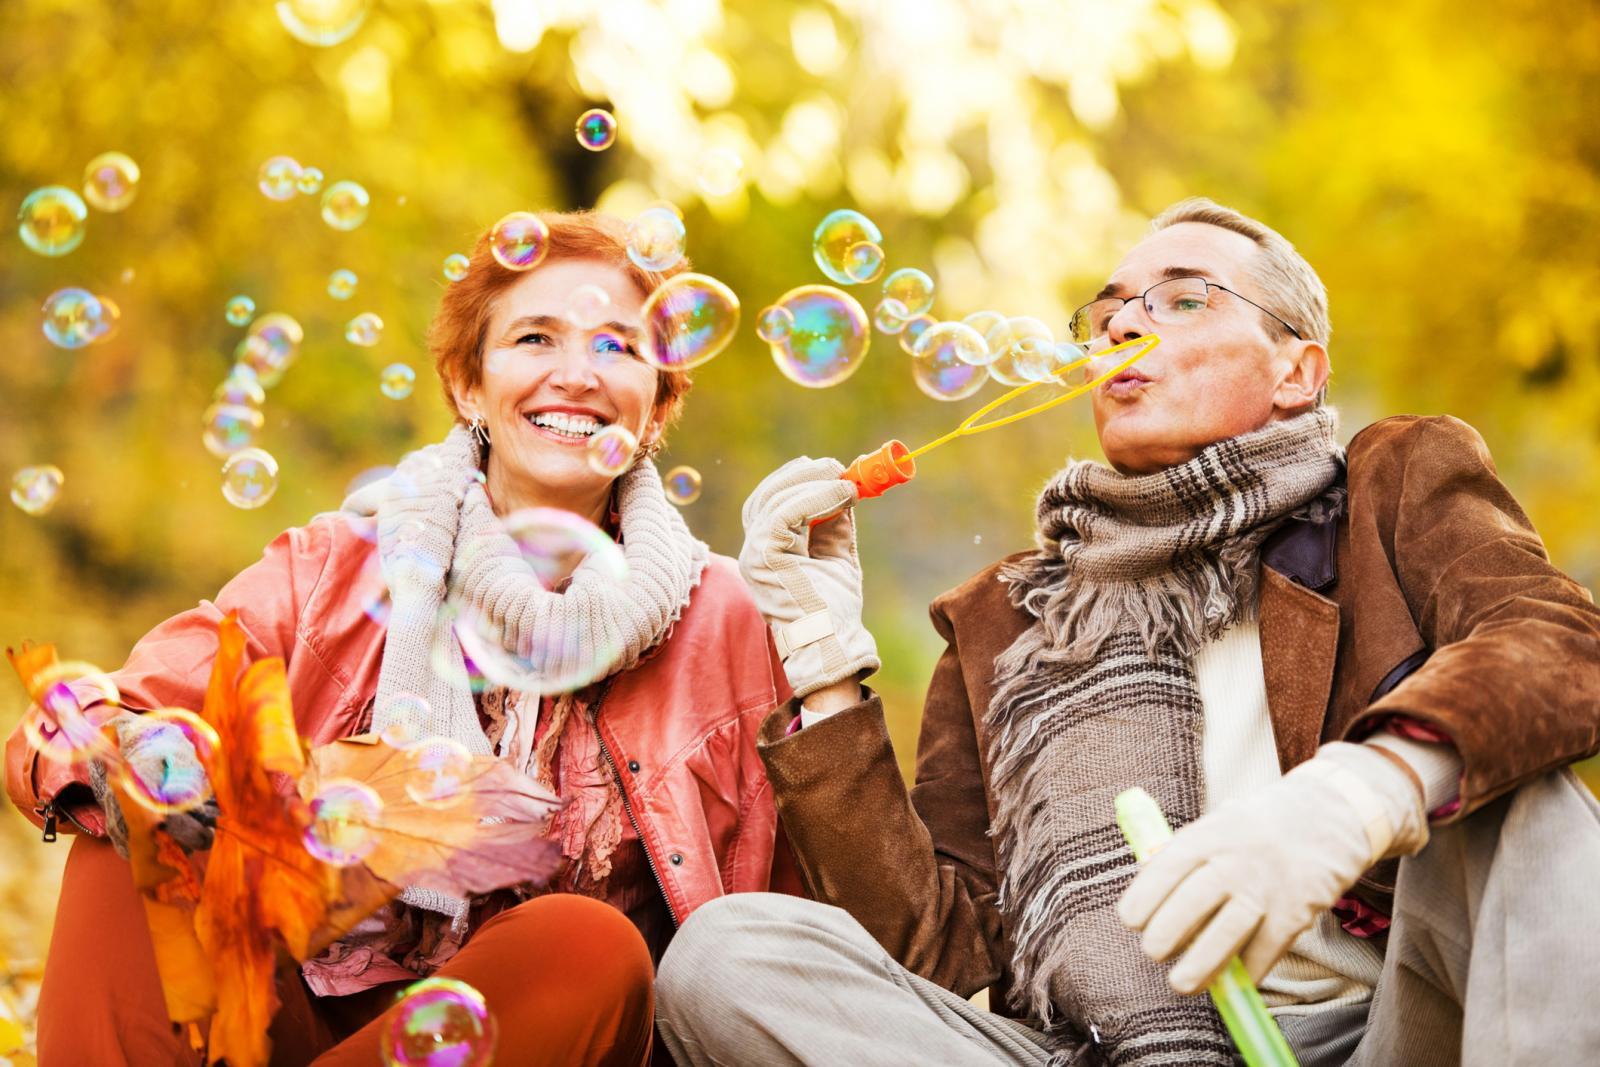 Smisao za humor nema veze s godinama. I zato se smijte dok vas trbuh ne zaboli.